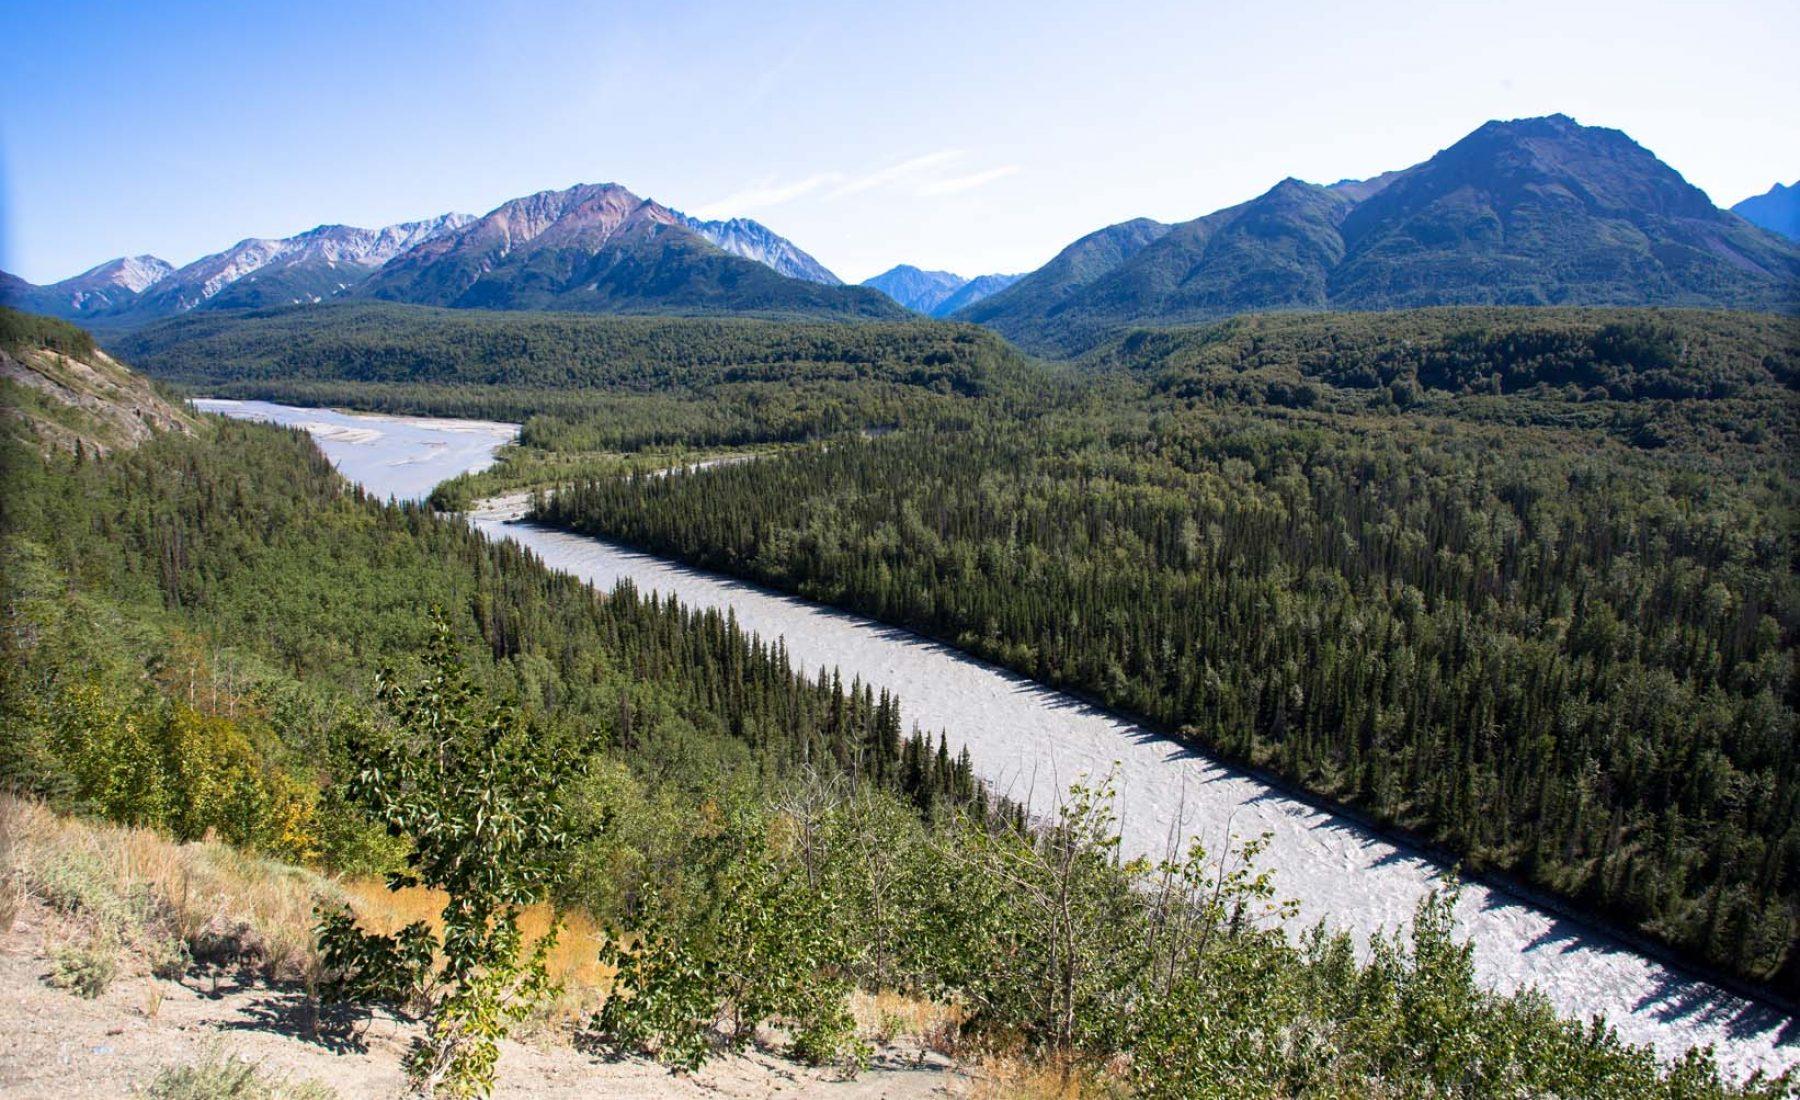 Alaska Day 2: Anchorage to Matanuska